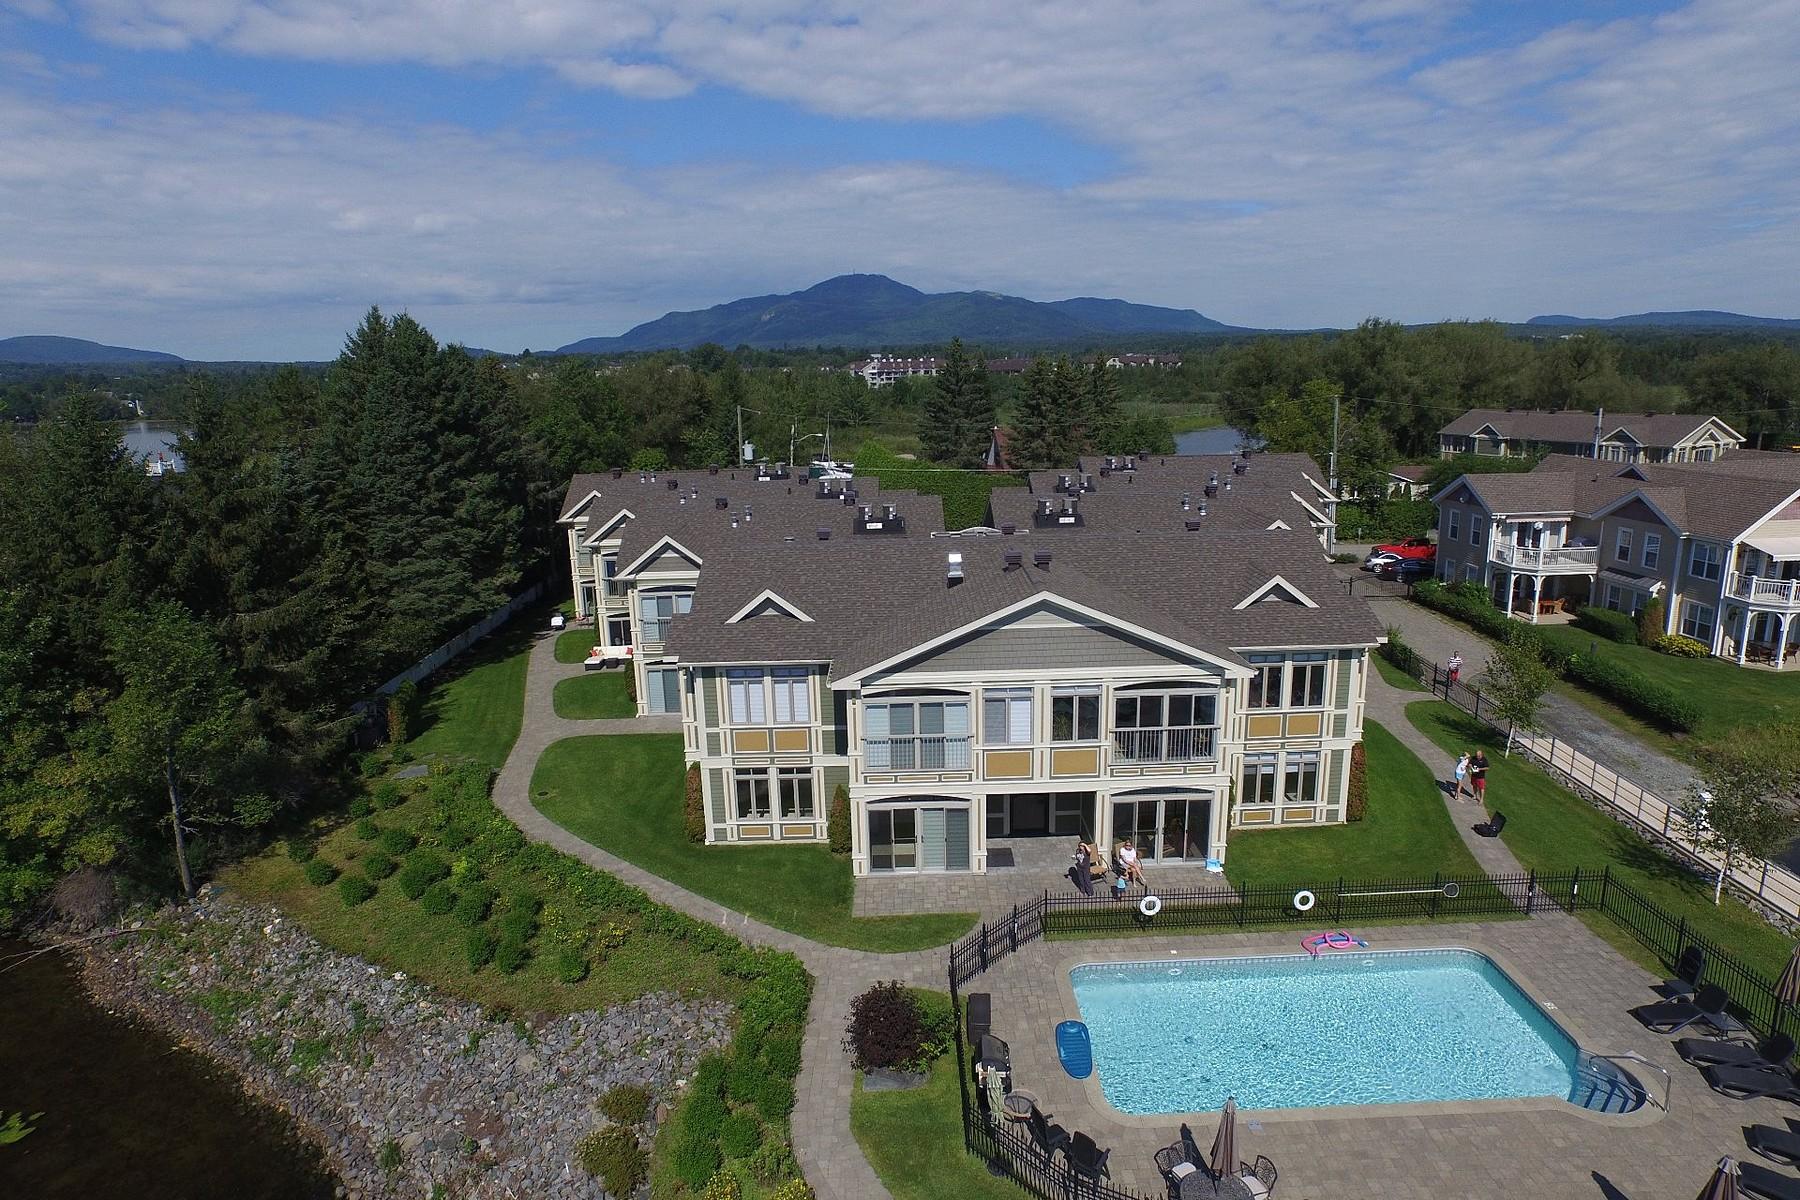 共管式独立产权公寓 为 销售 在 Edge of Memphremagog's Lake 310 Rue Cabana, Apt. 7 玛戈, 魁北克省, J1X2C3 加拿大